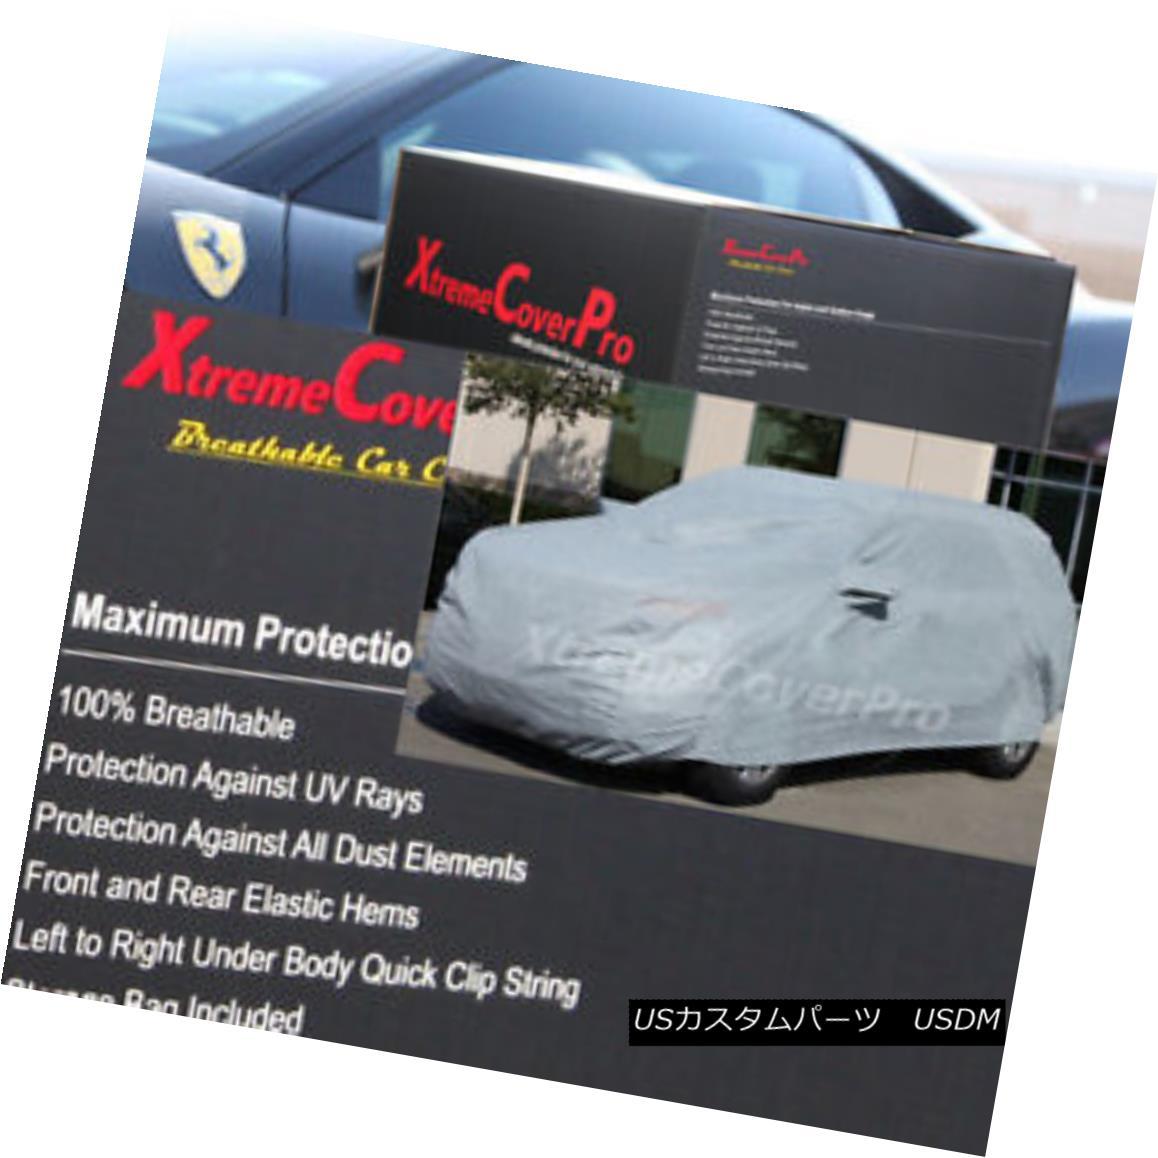 カーカバー 2014 Jeep Compass Breathable Car Cover w/ Mirror Pocket 2014ジープコンパス通気性の車カバー(ミラーポケット付)